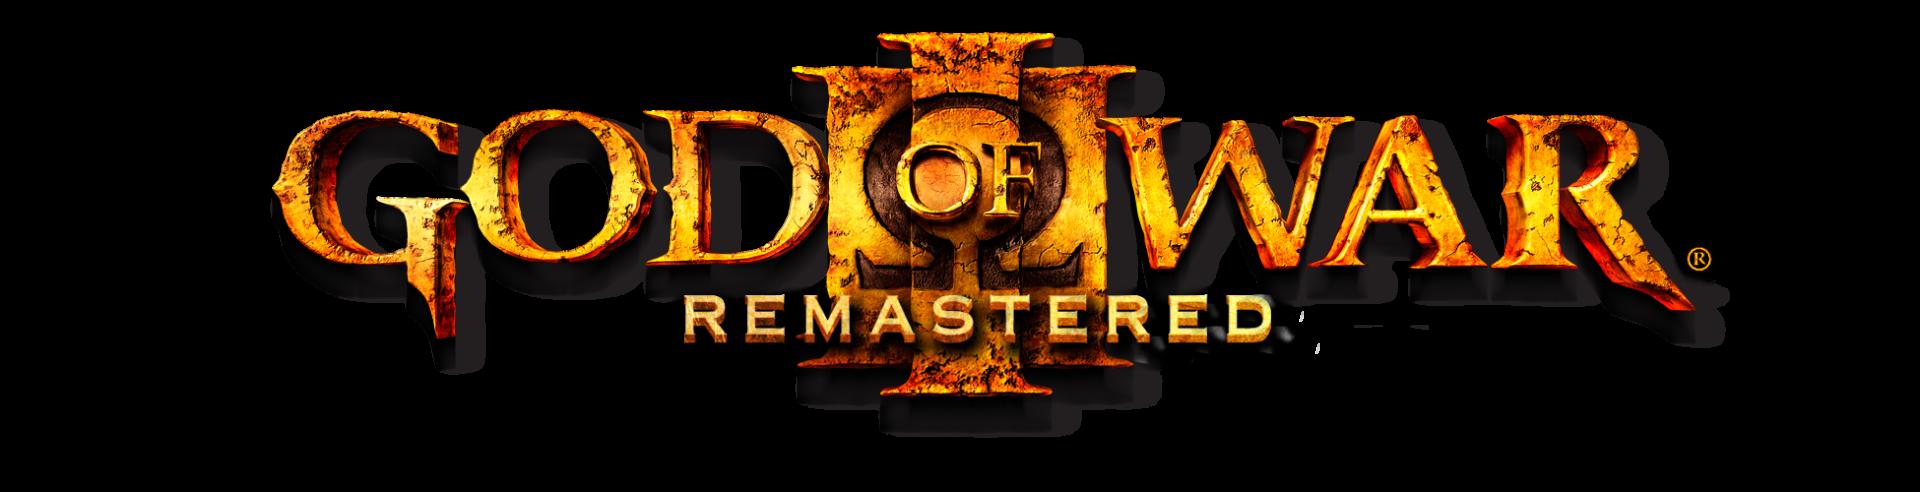 God of War III Remastered Logo